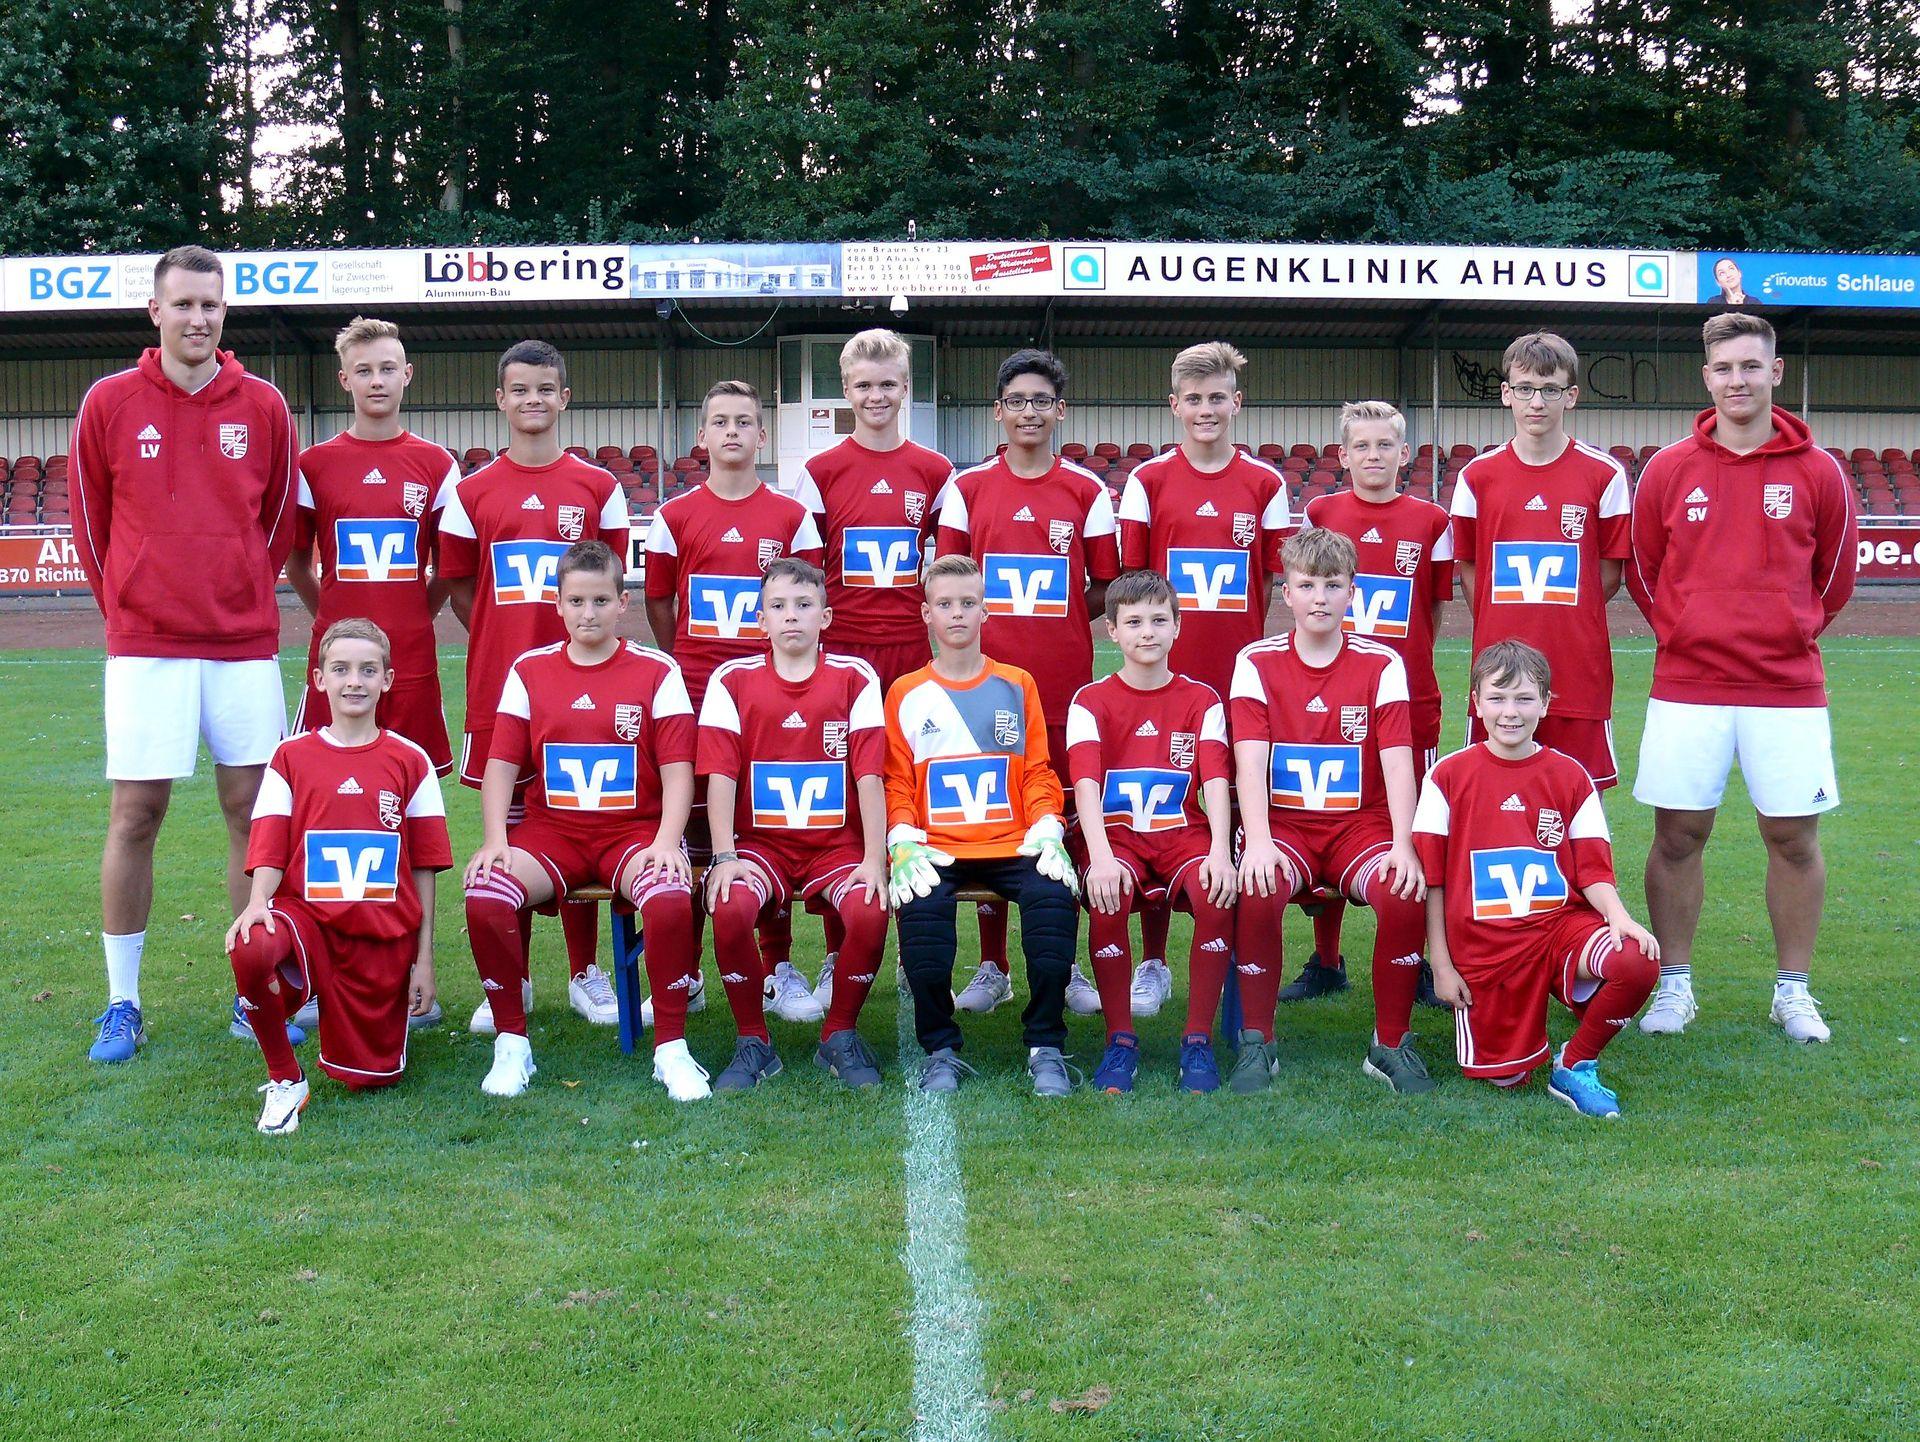 C1-Junioren | SV Eintracht Ahaus